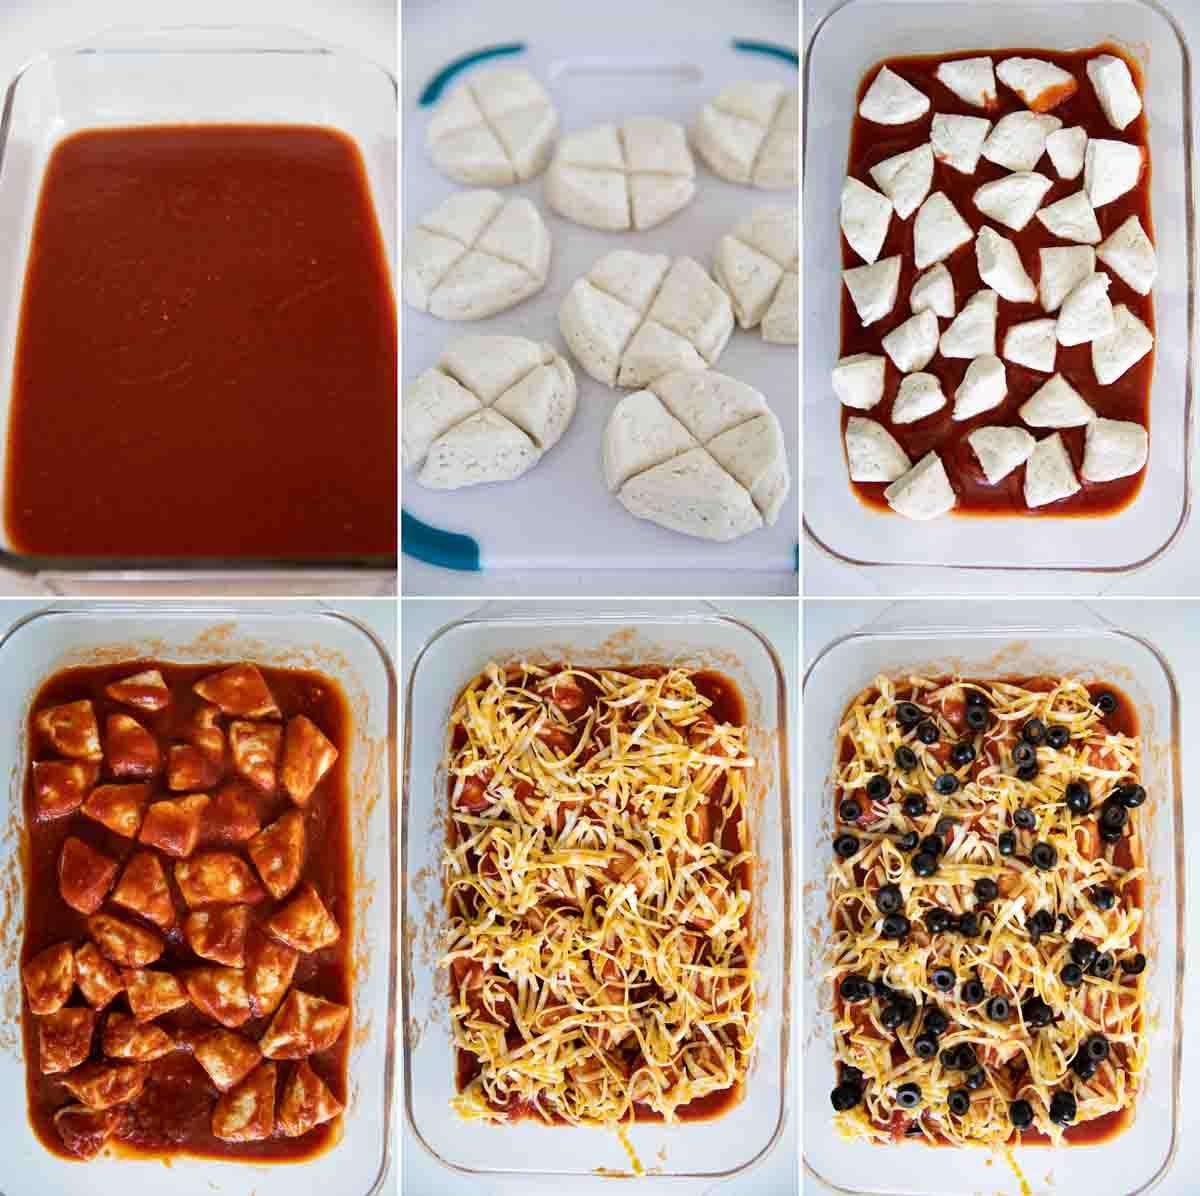 steps to make taco casserole